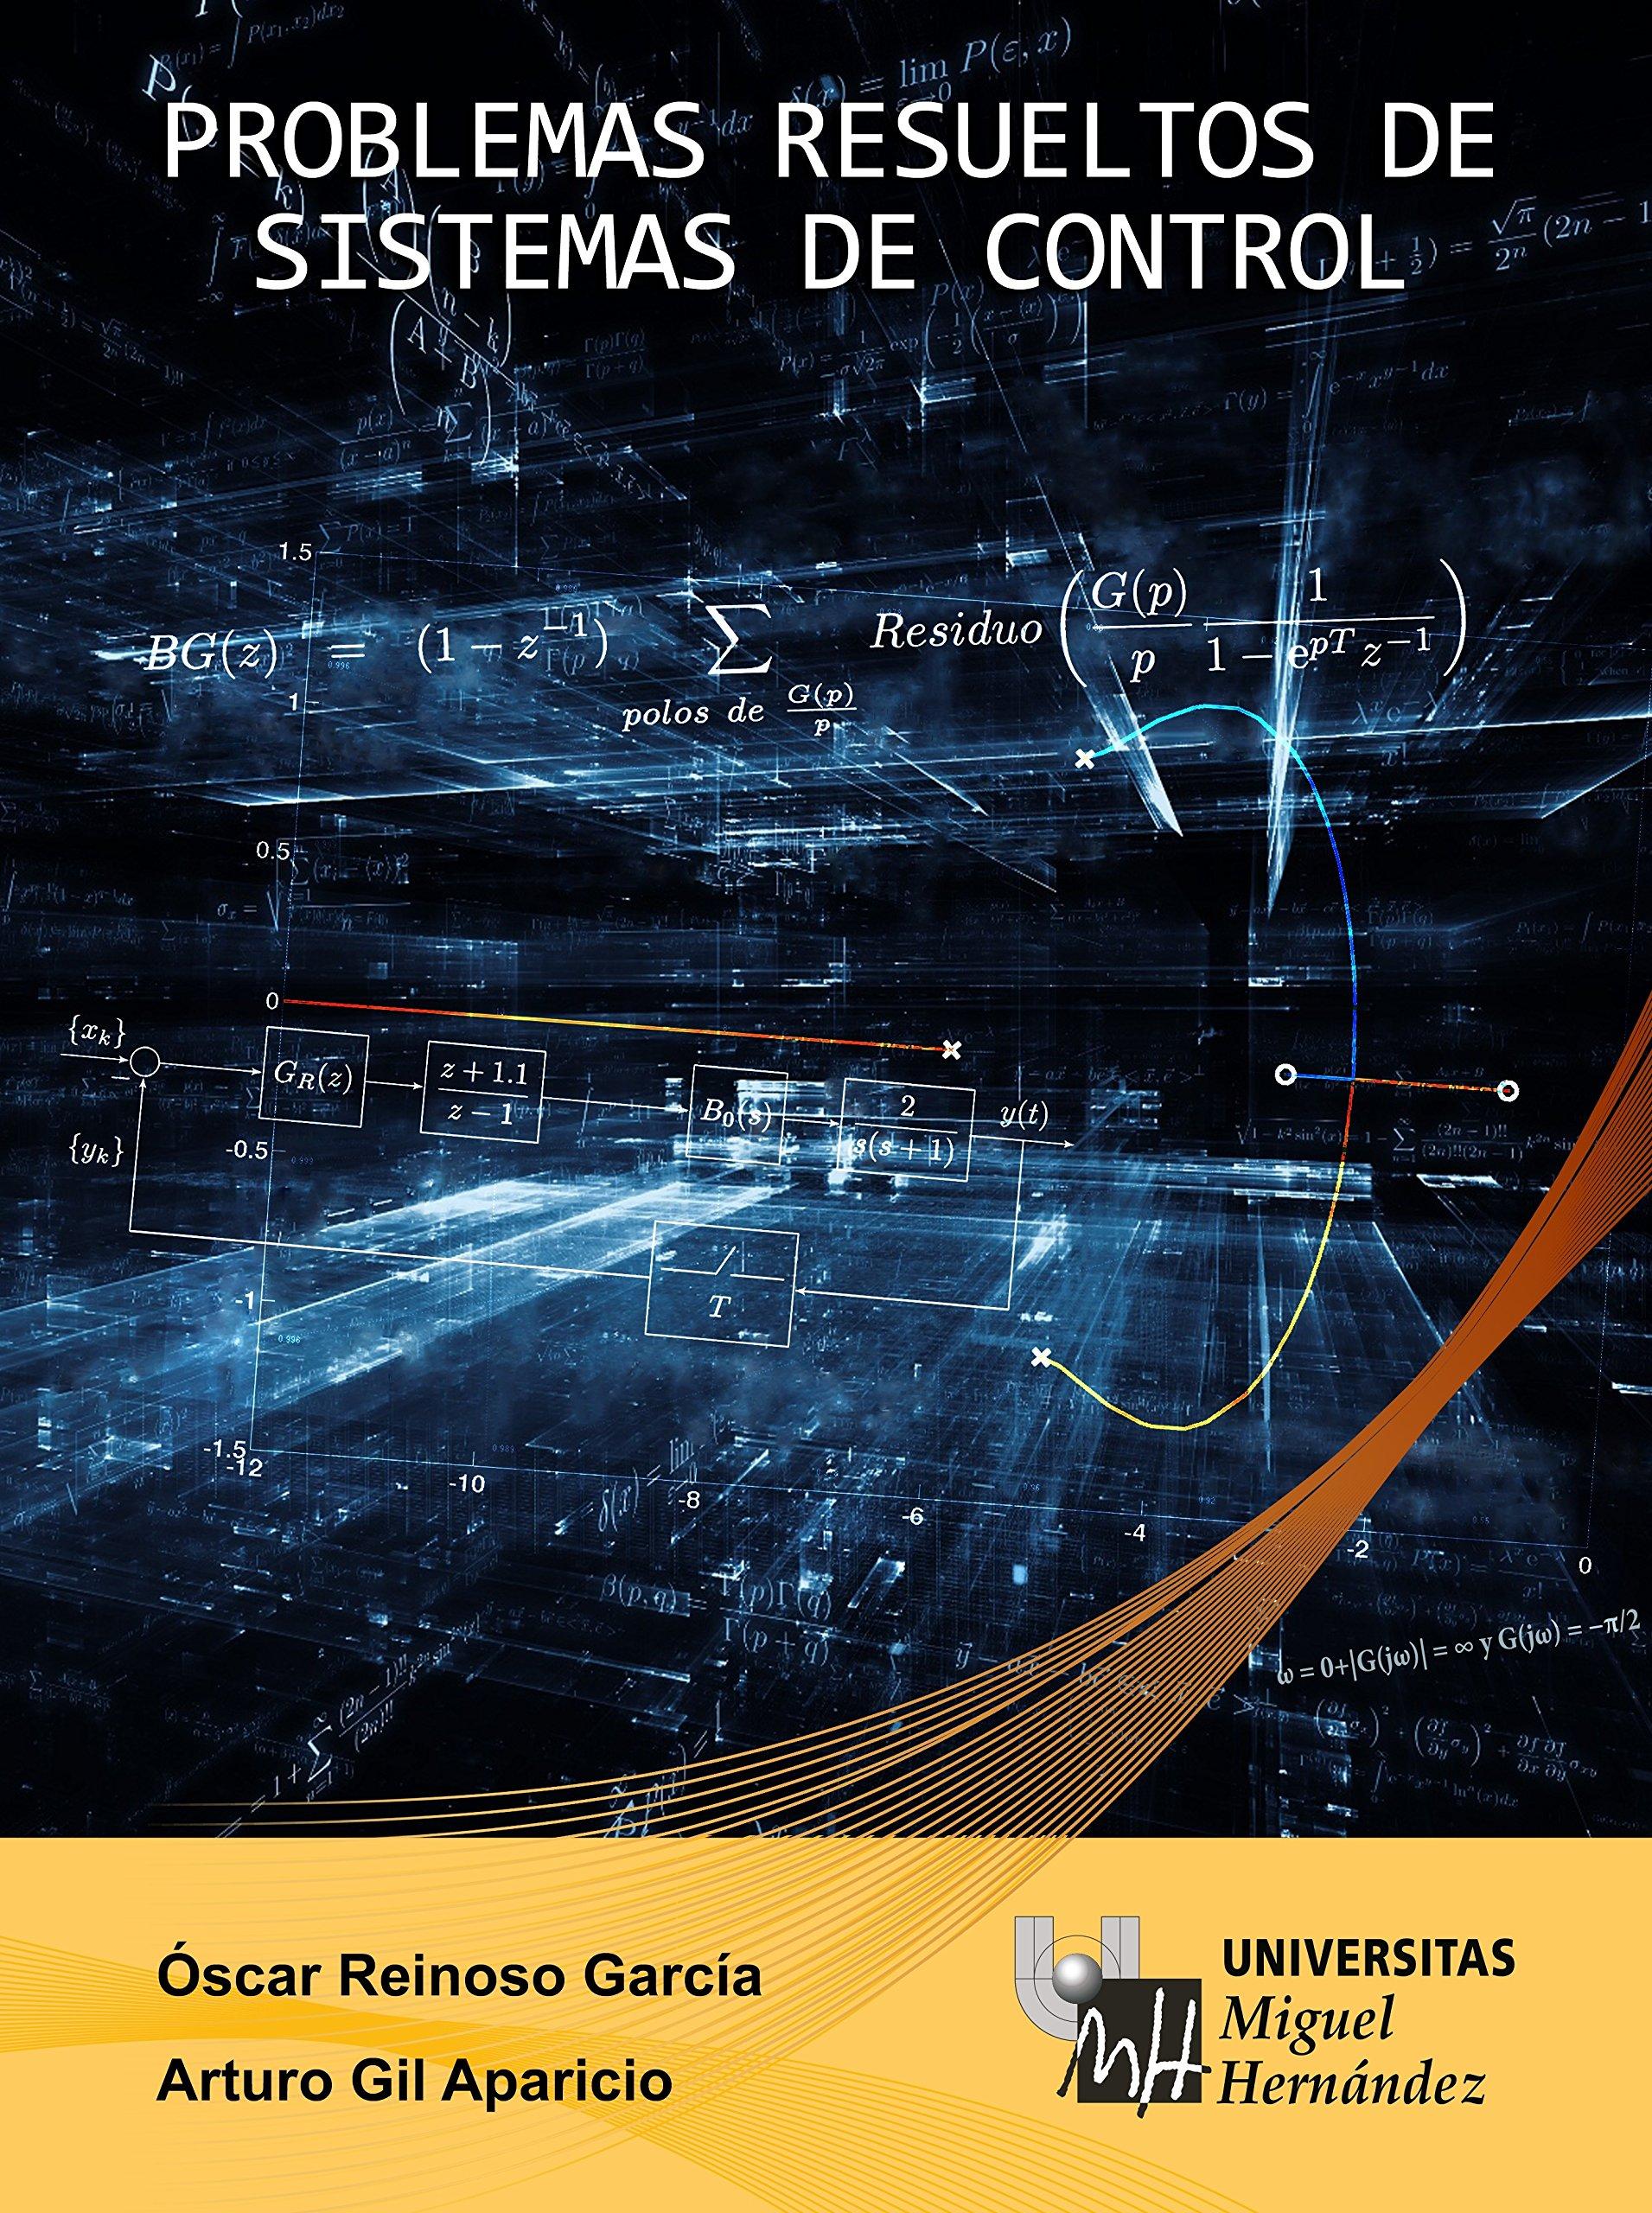 Problemas Resueltos de Sistemas de Control: Este libro se visualizará correctamente en tabletas android, iPad y Fire HDX.